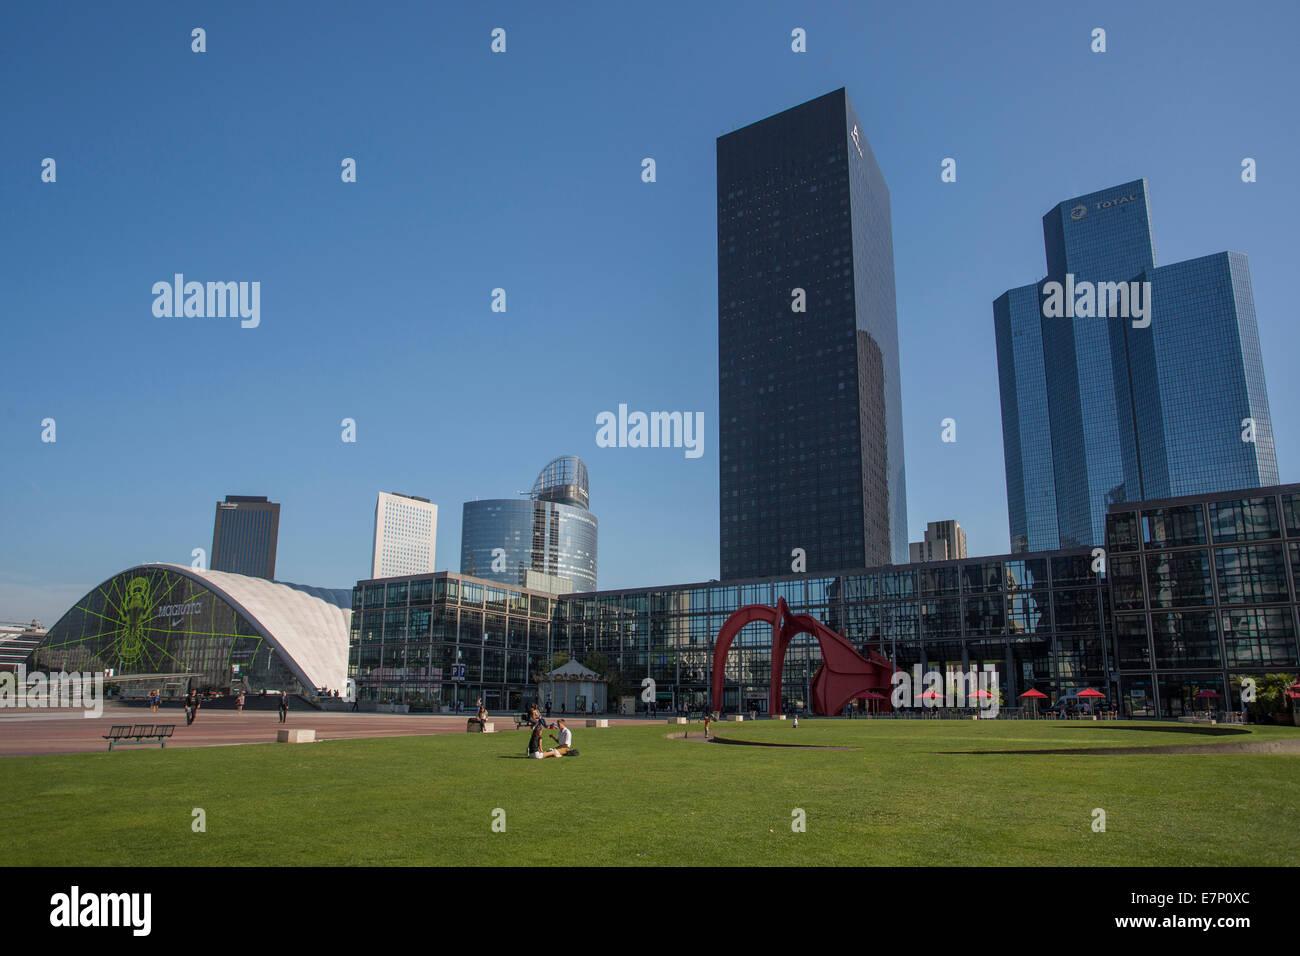 Defense, France, Europe, Paris, architecture, city, cityscape, pedestrians, skyline, touristic, urban, grass, place - Stock Image